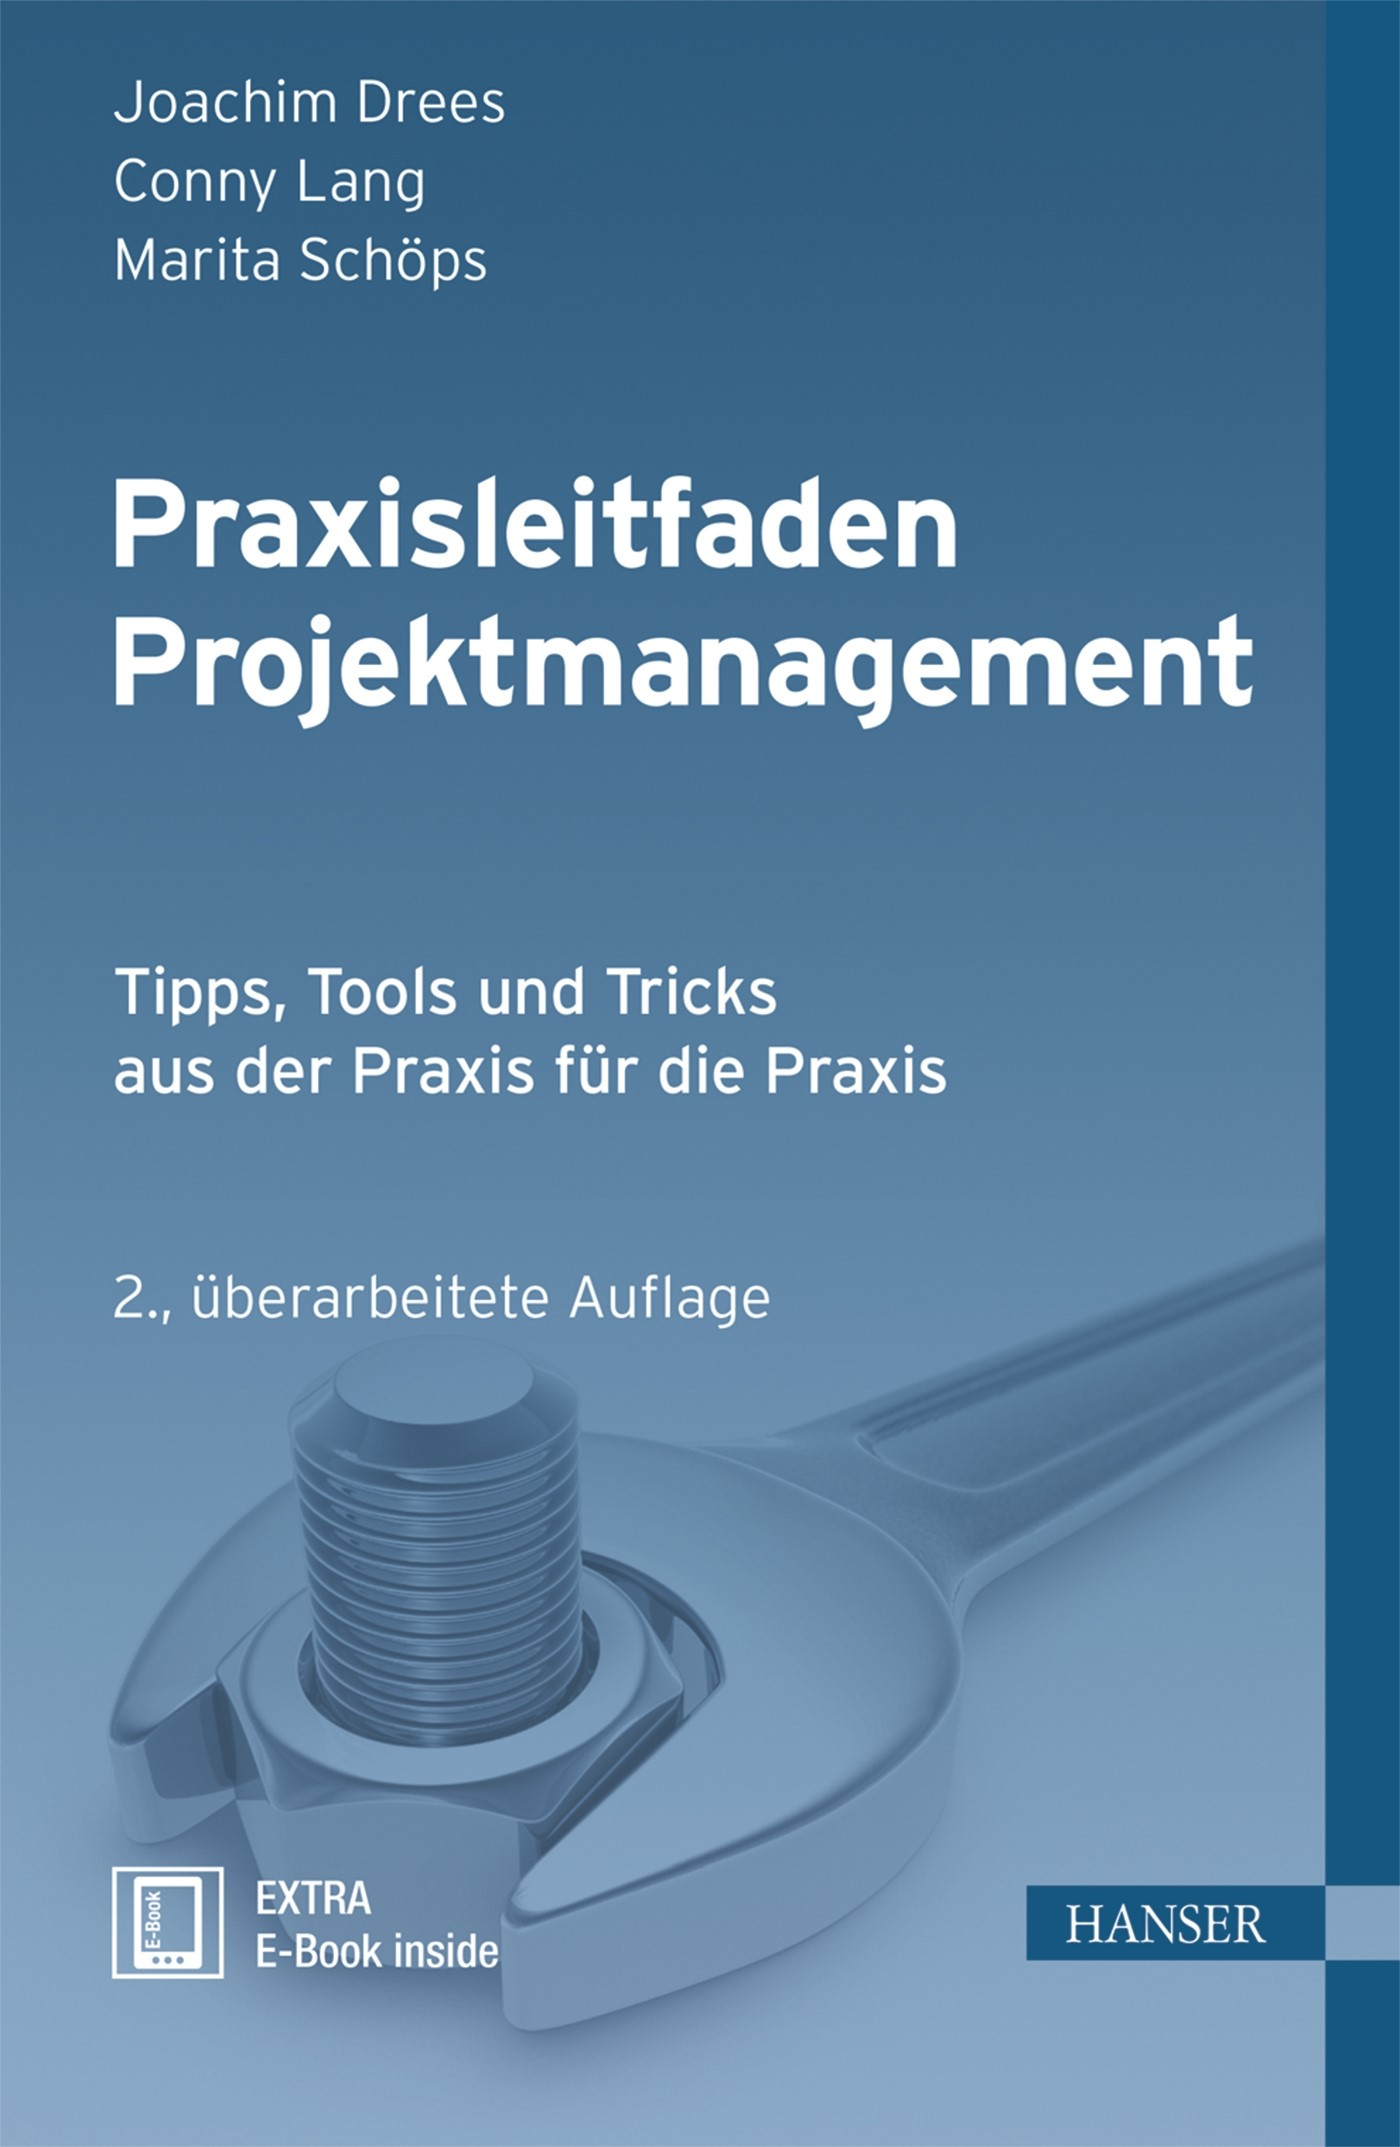 Abbildung von Drees / Lang / Schöps | Praxisleitfaden Projektmanagement | 2014